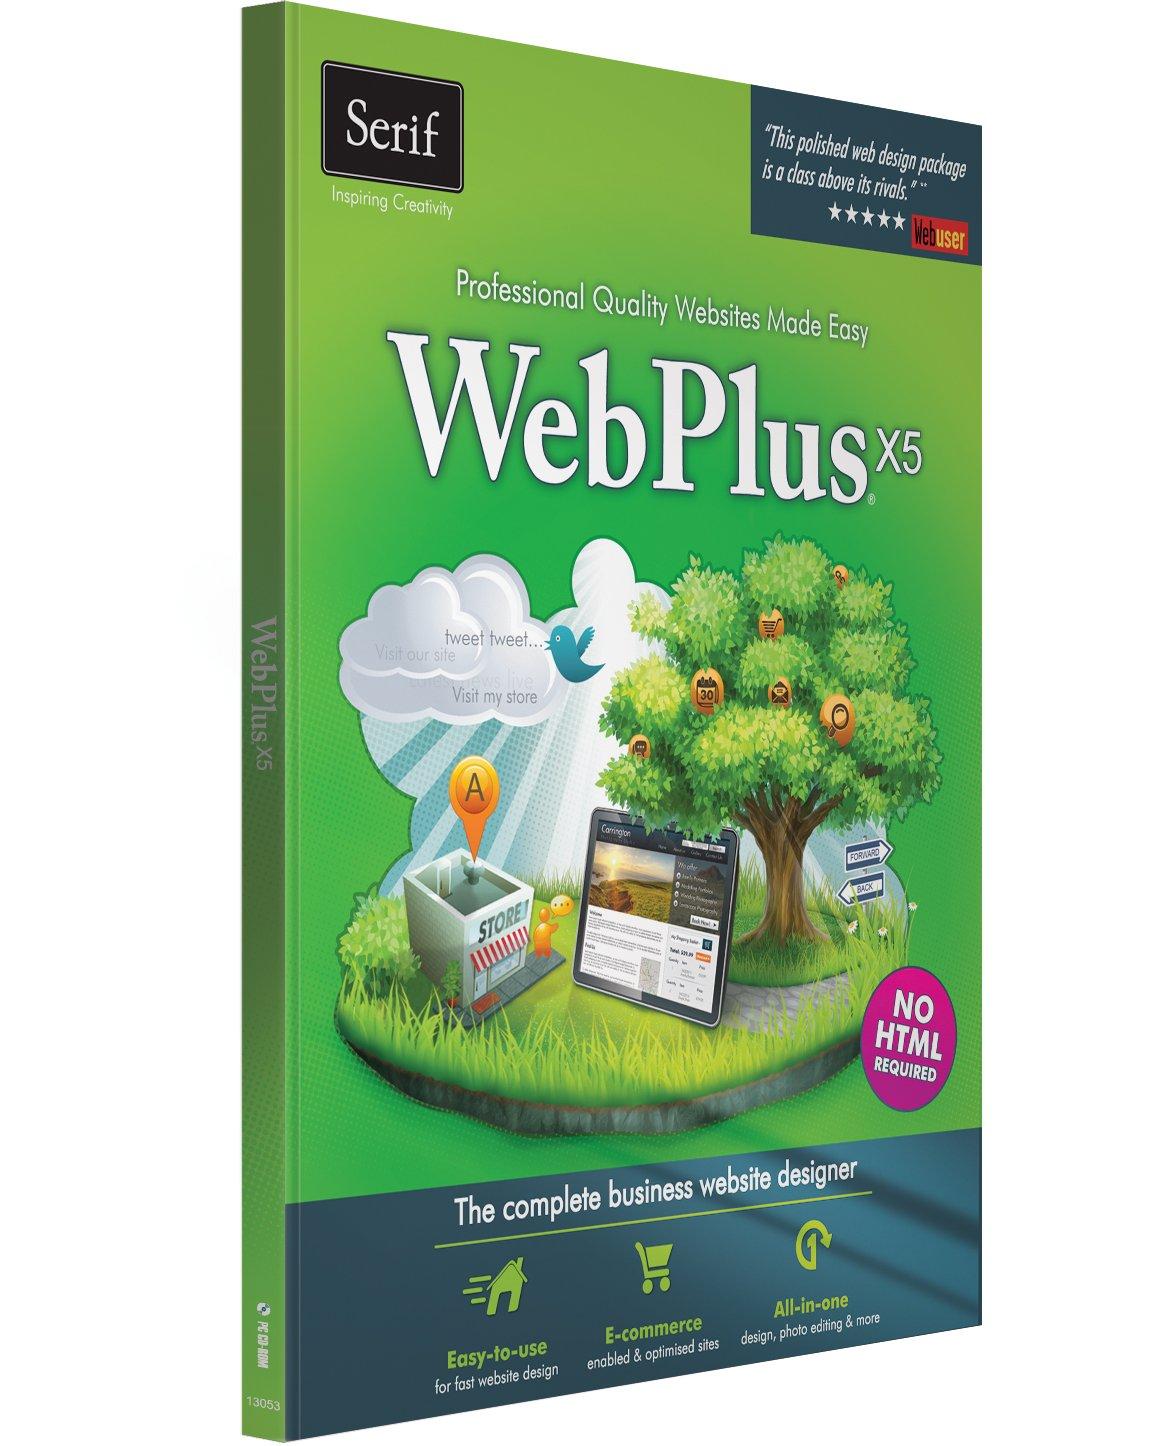 Serif WebPlus X5 by Serif